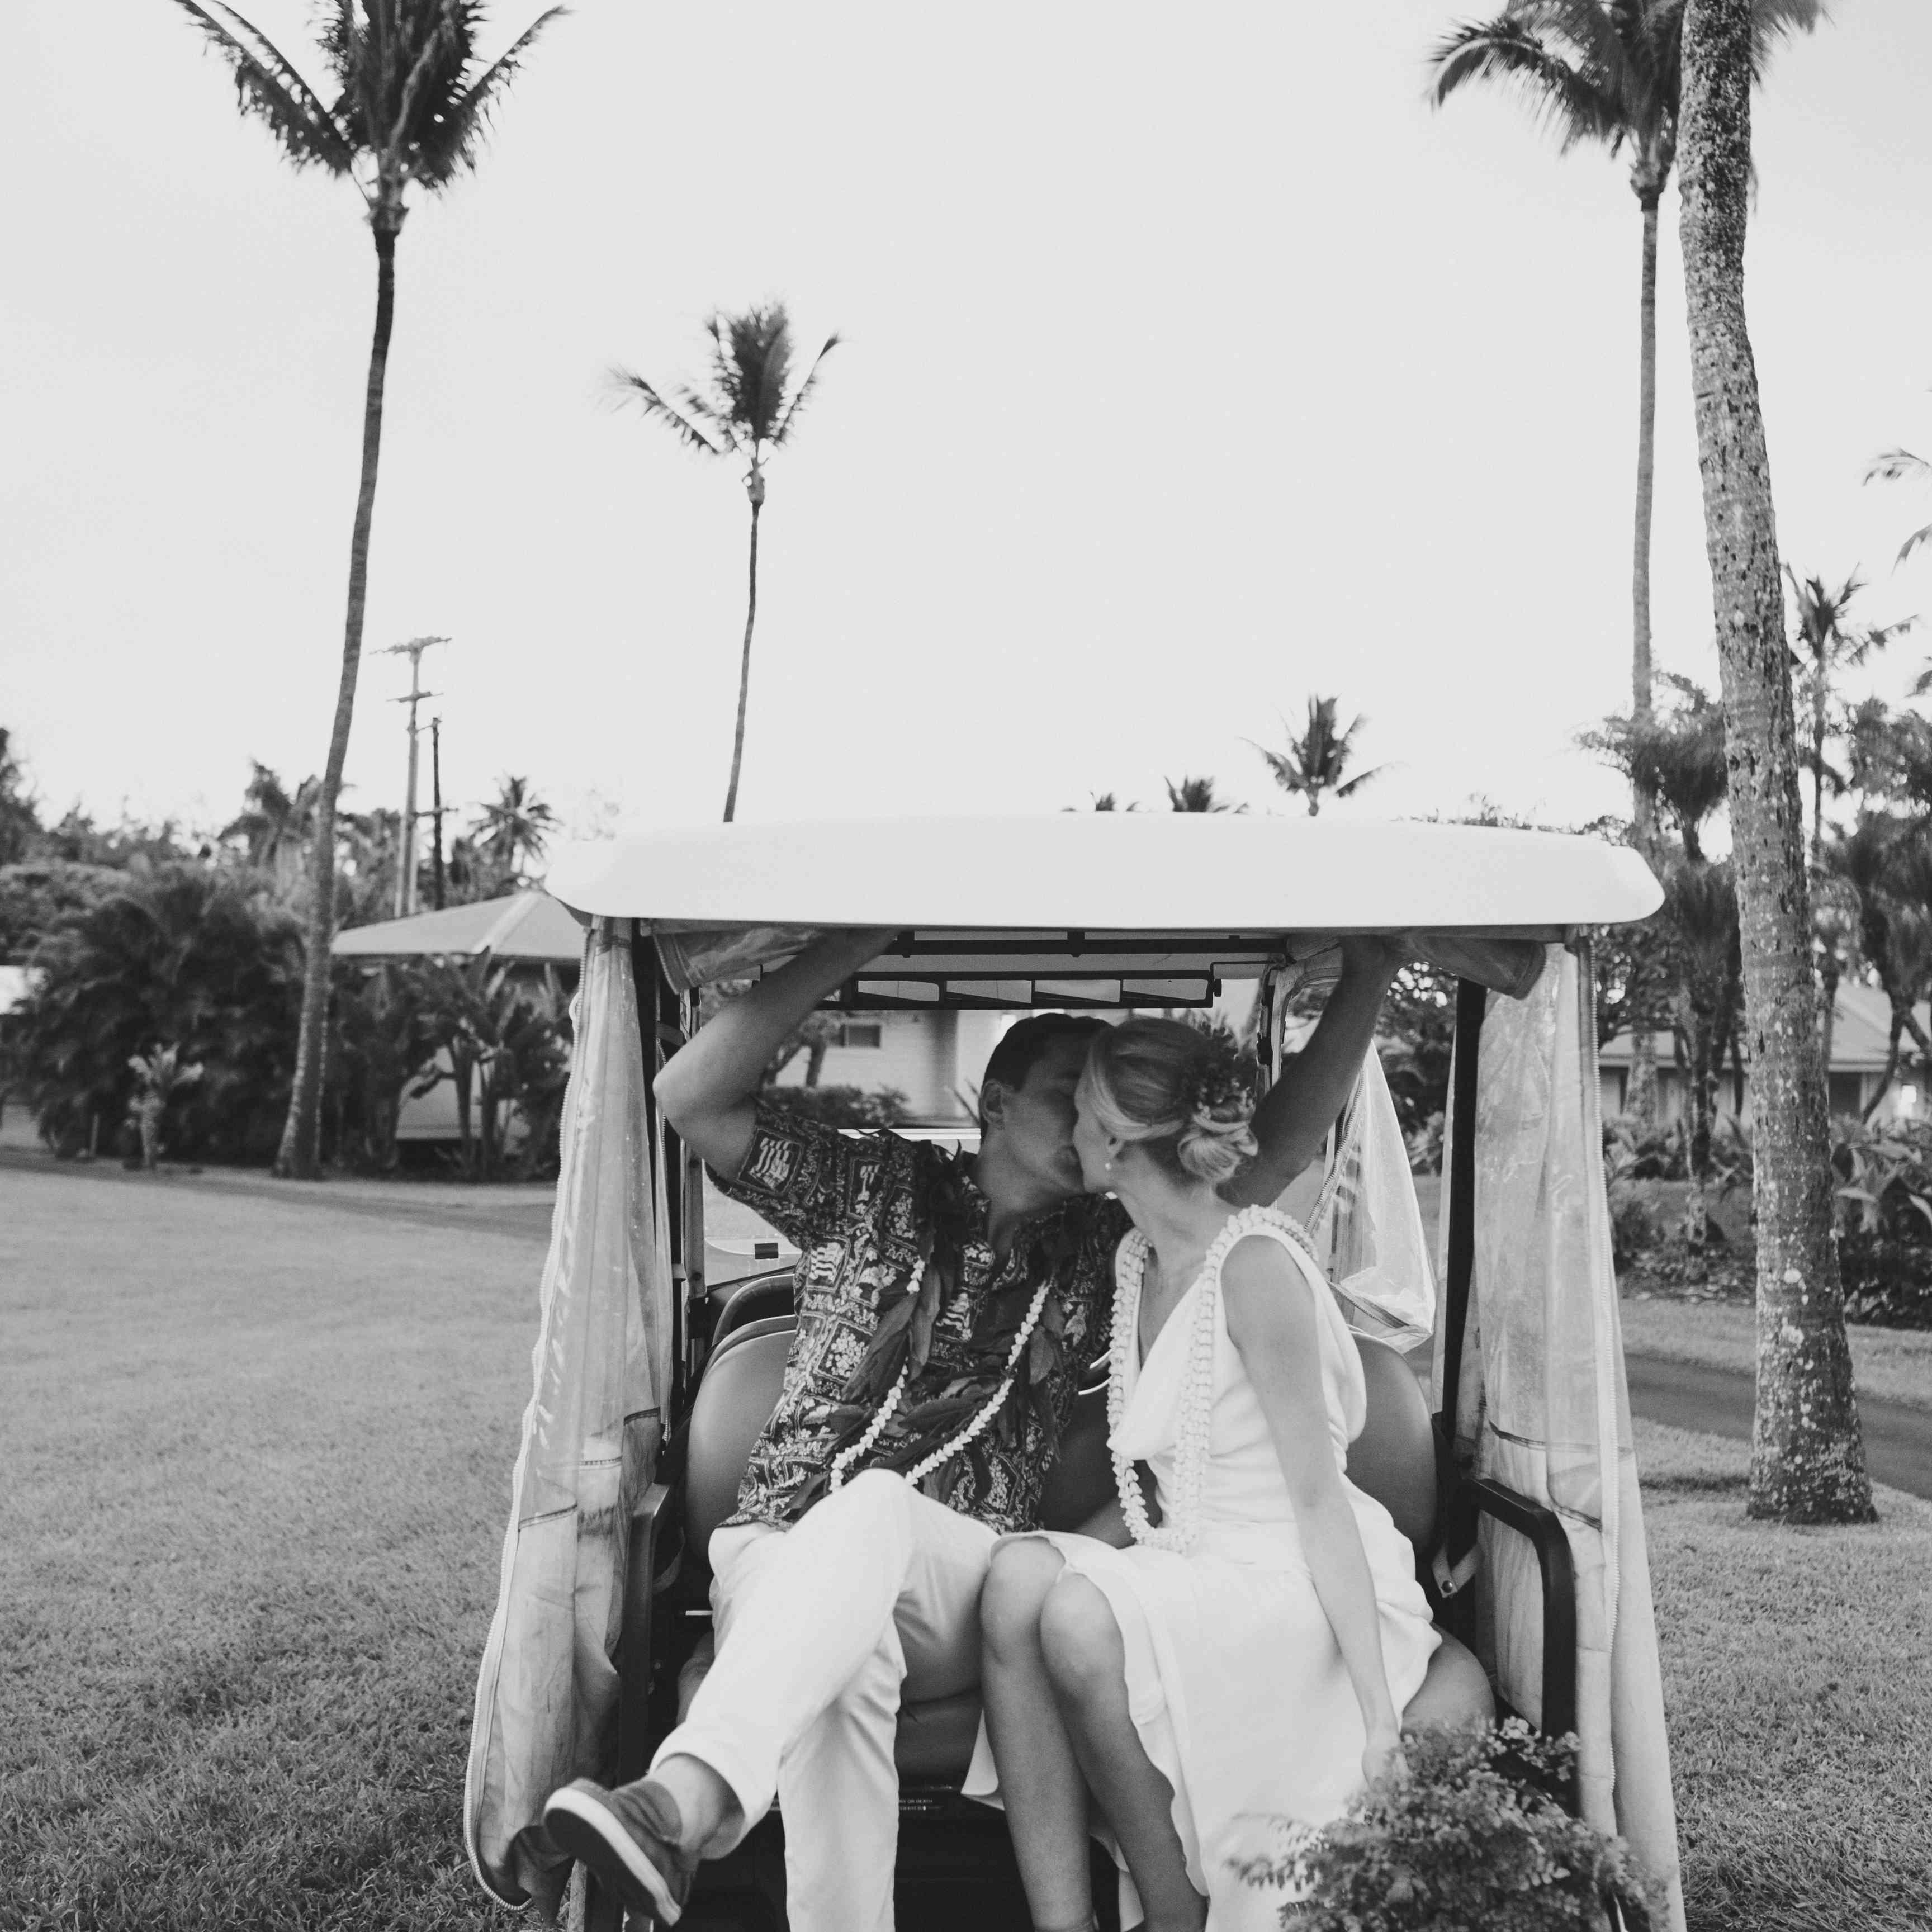 getaway car golf cart